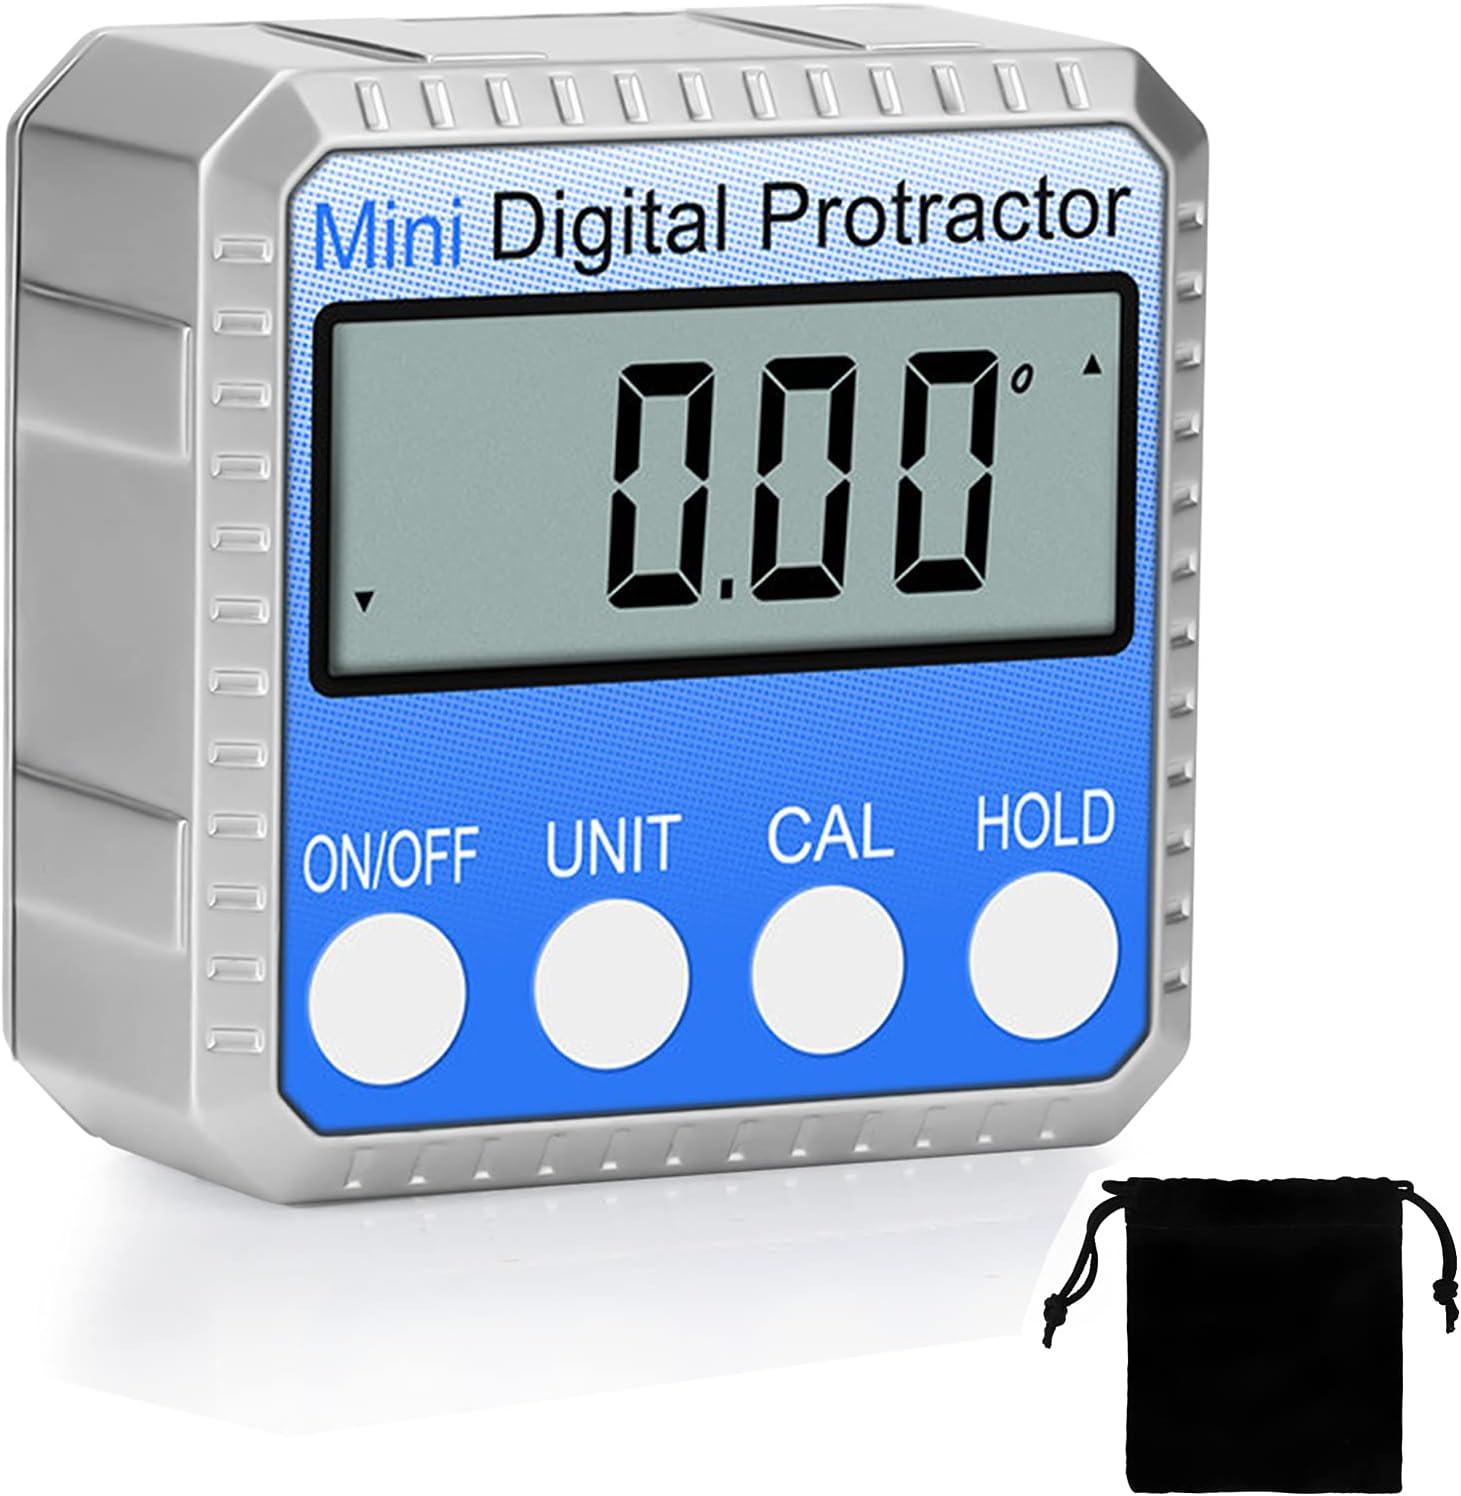 zerotop Inclinómetro Digital Protractor 4 * 90 ° Nivel Buscador de ángulos de Caja Retroiluminación Indicador de nivel Indicador de bisel con base magnética para Carpintería Automóviles